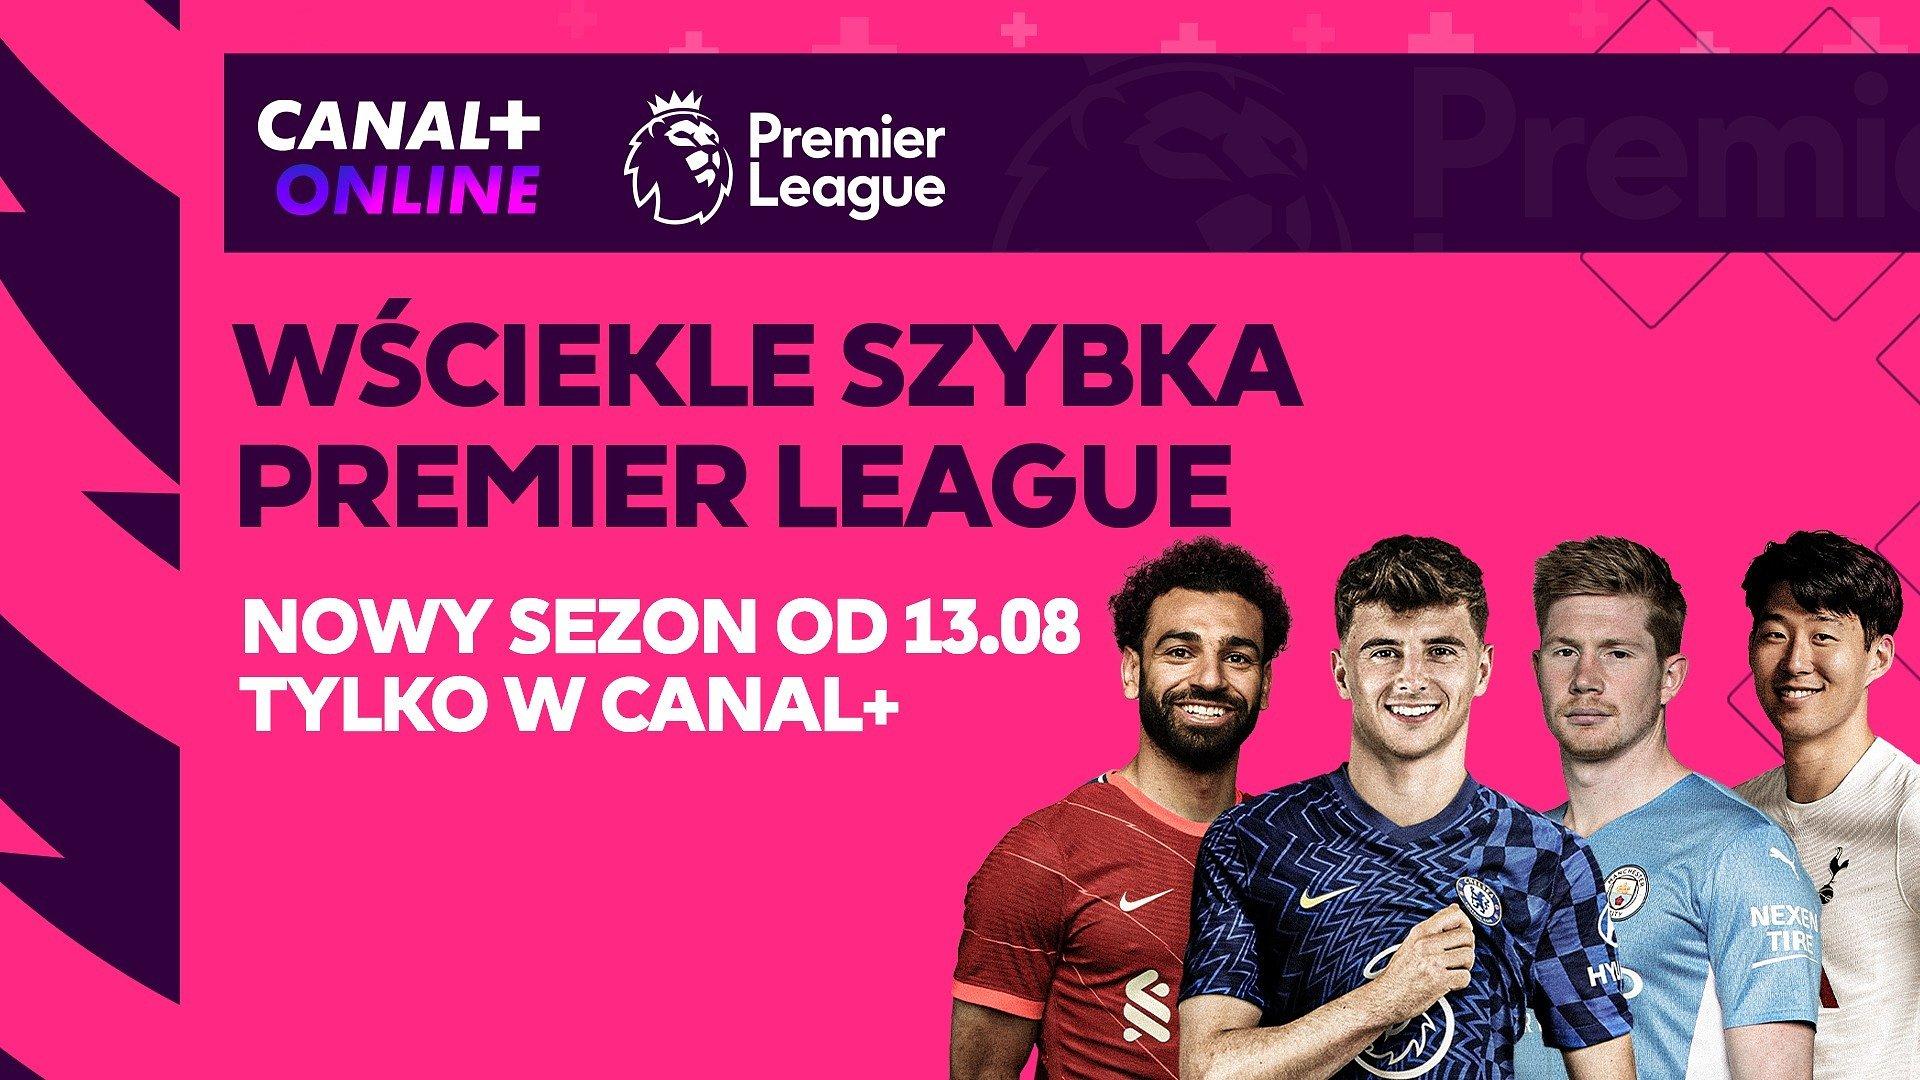 Wściekle szybka Premier League startuje już 13 sierpnia!